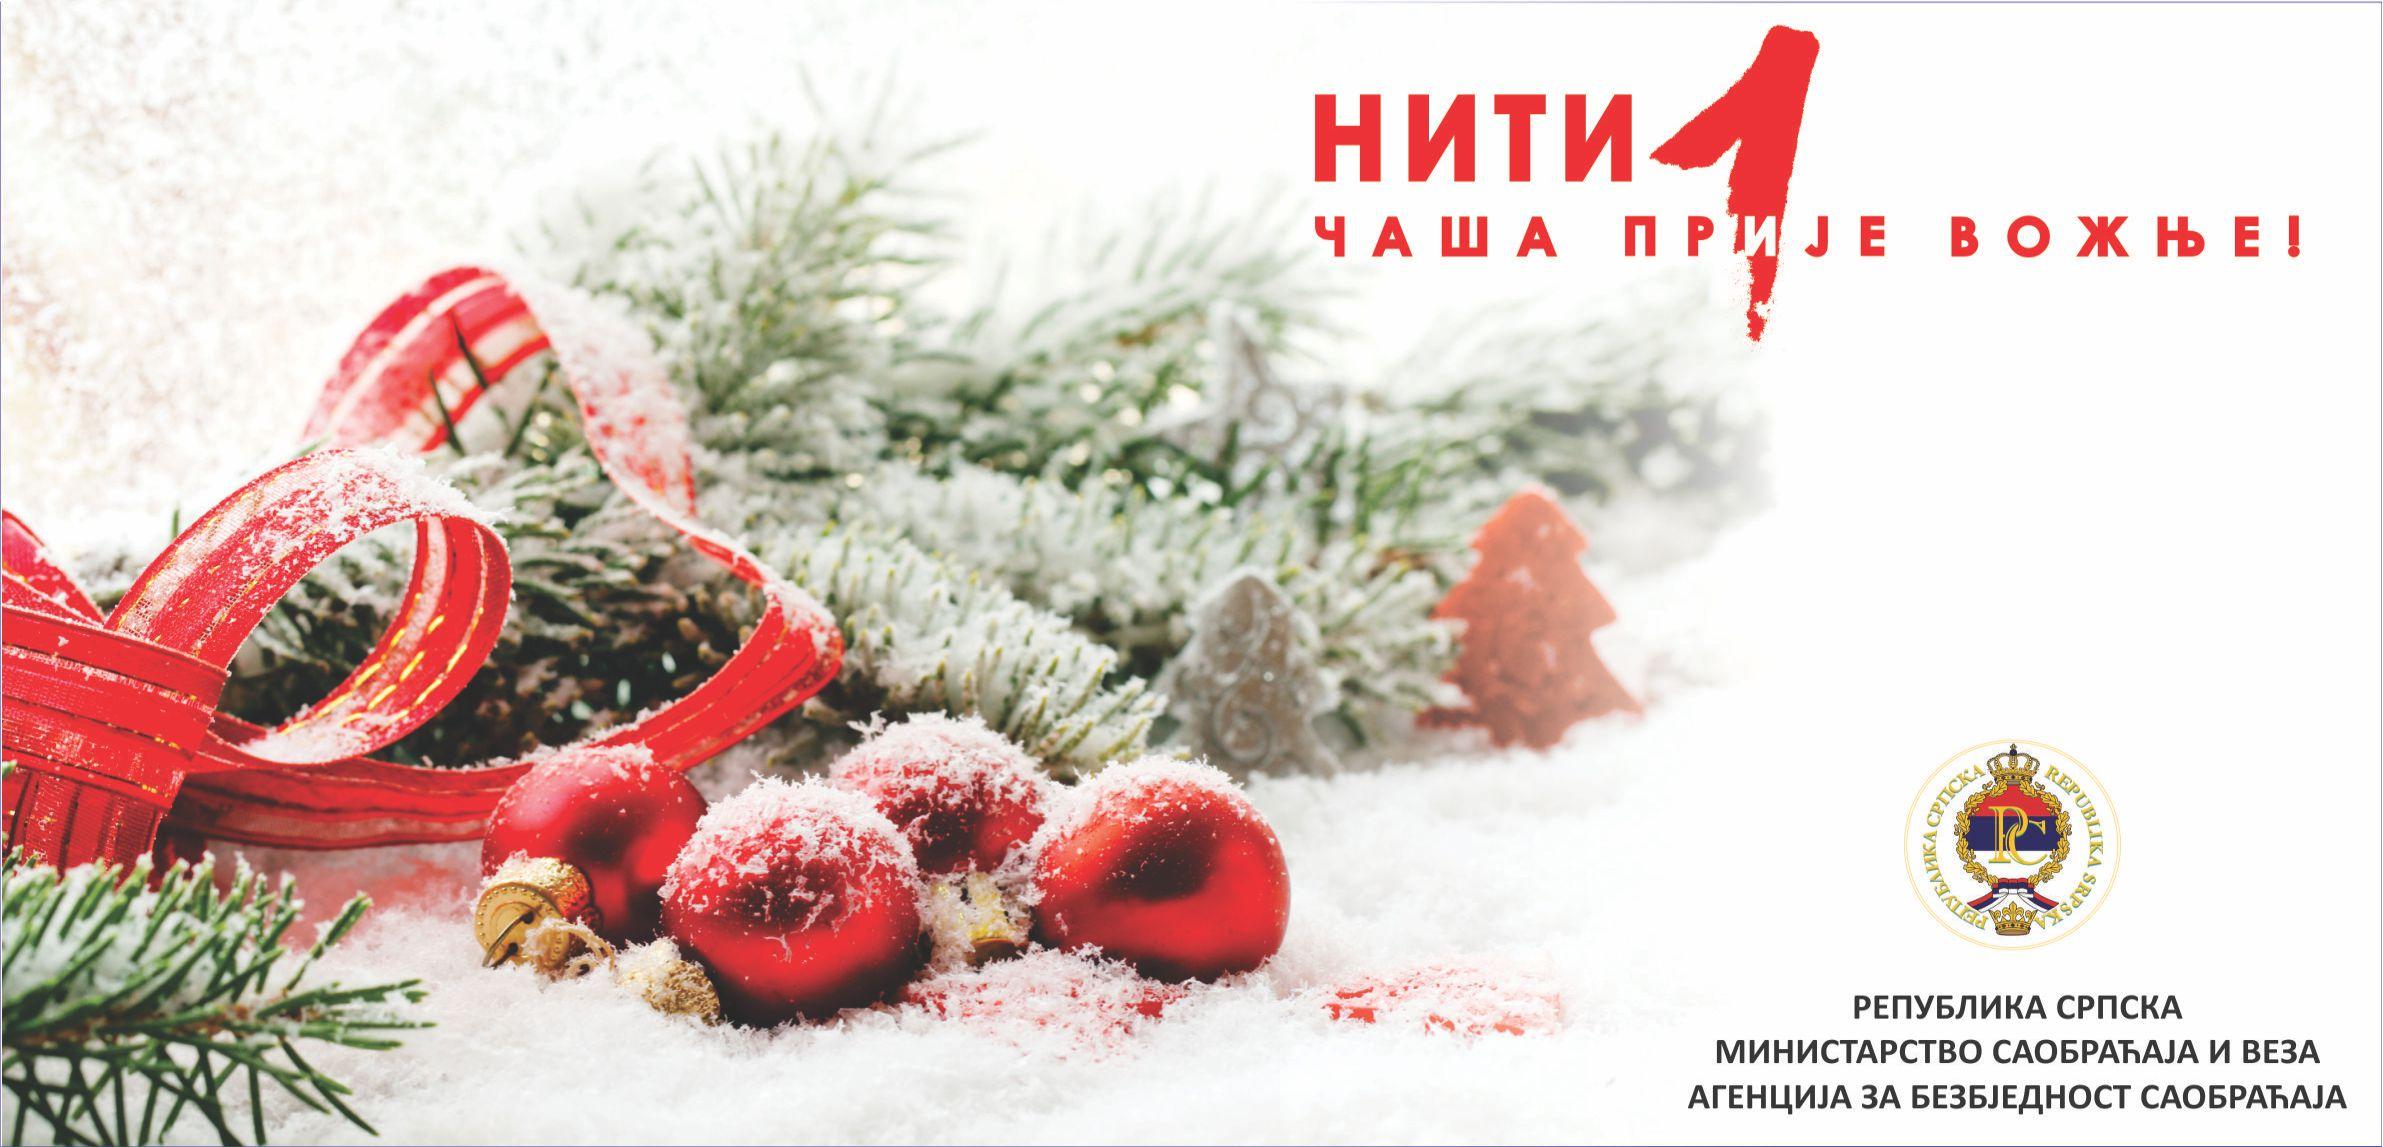 Срећни предстојећи празници